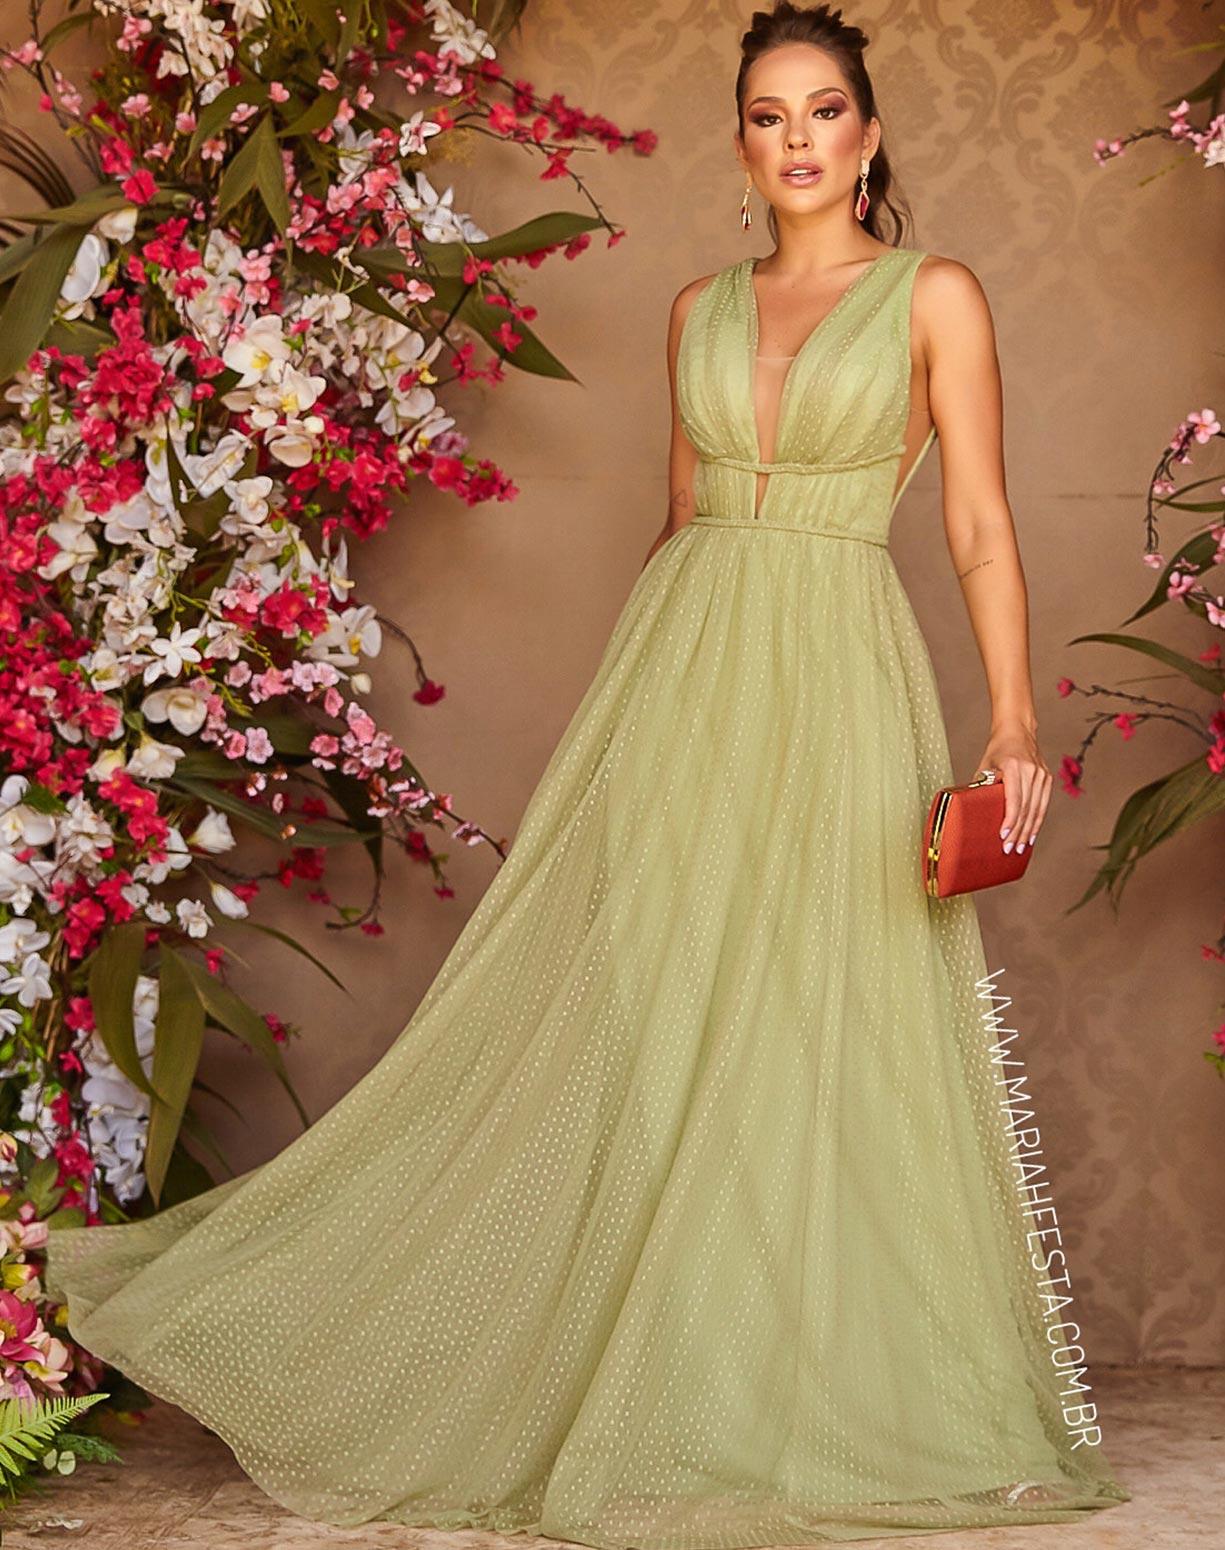 Vestido Verde Pistache em Tule Texturizado com Saia Evasê